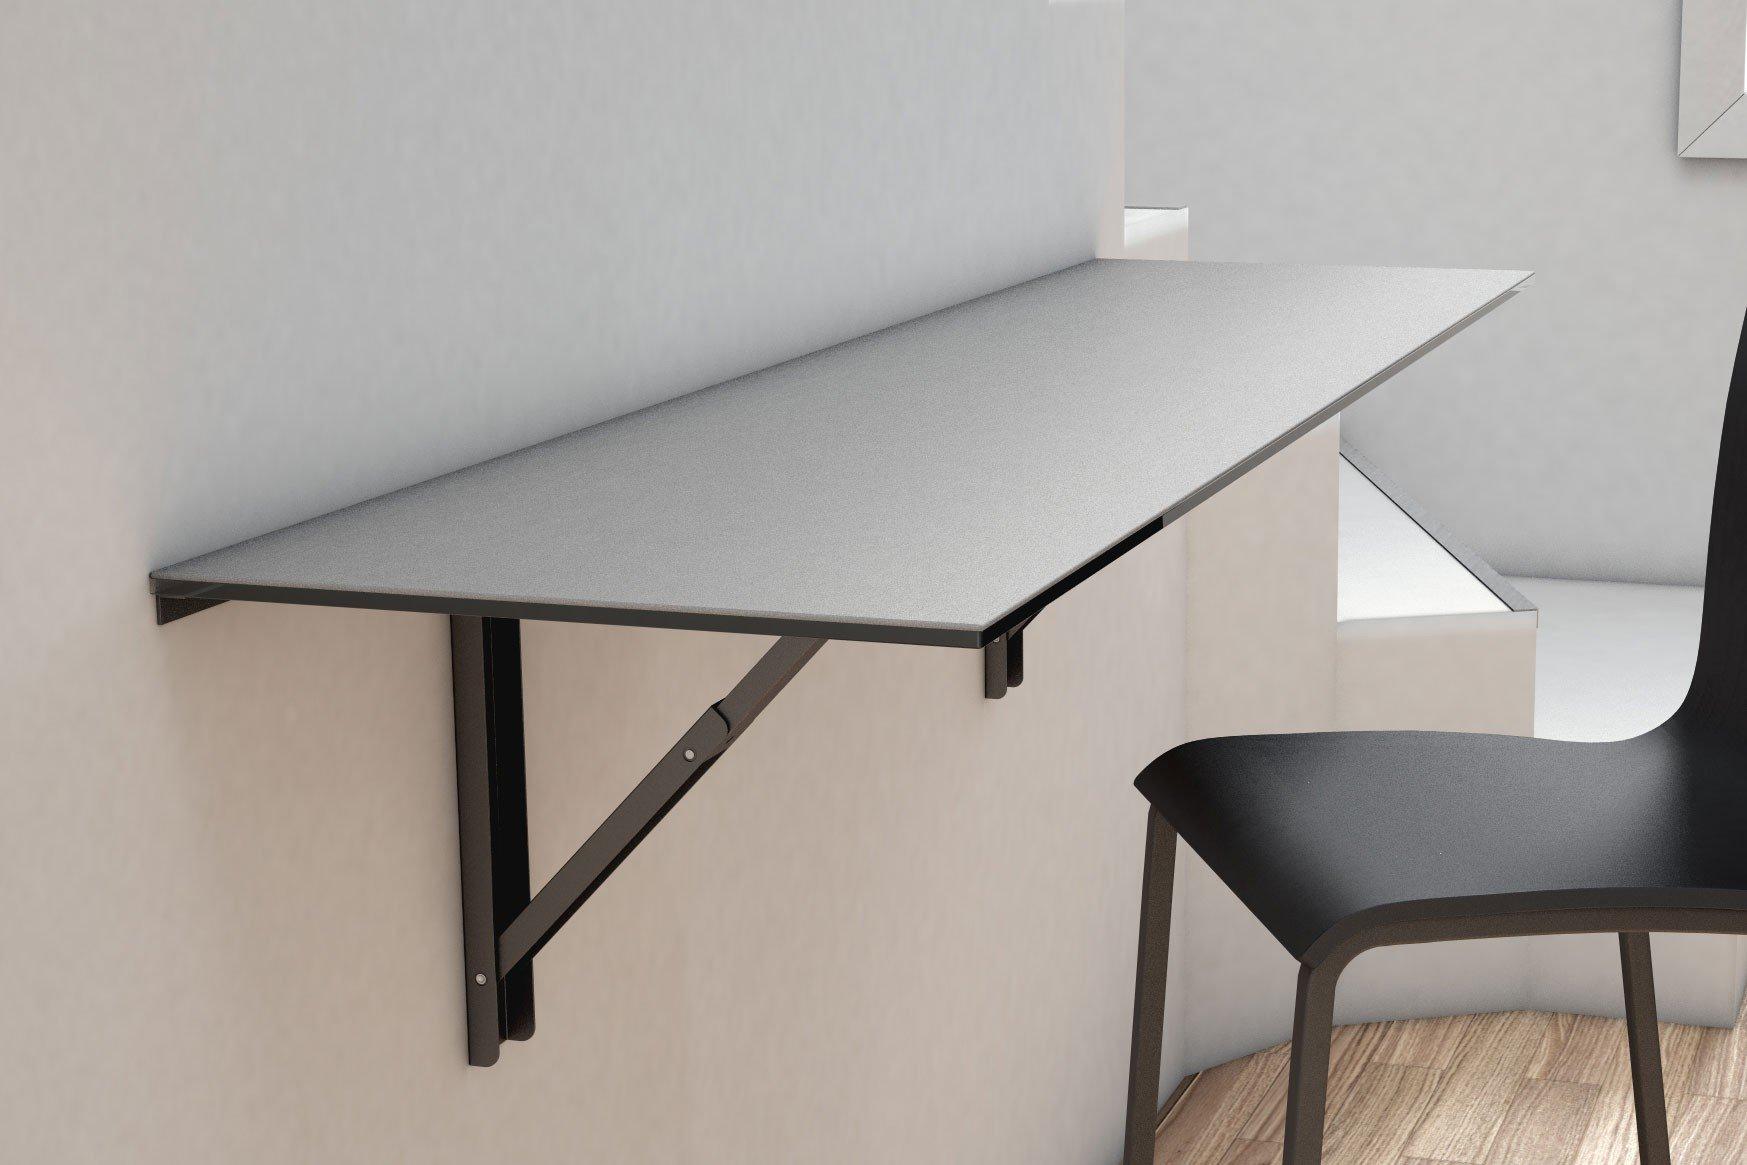 Bartisch schmal  CANCIO Klapptisch/ Bartisch Vulcano Keramik cement | Möbel Letz ...